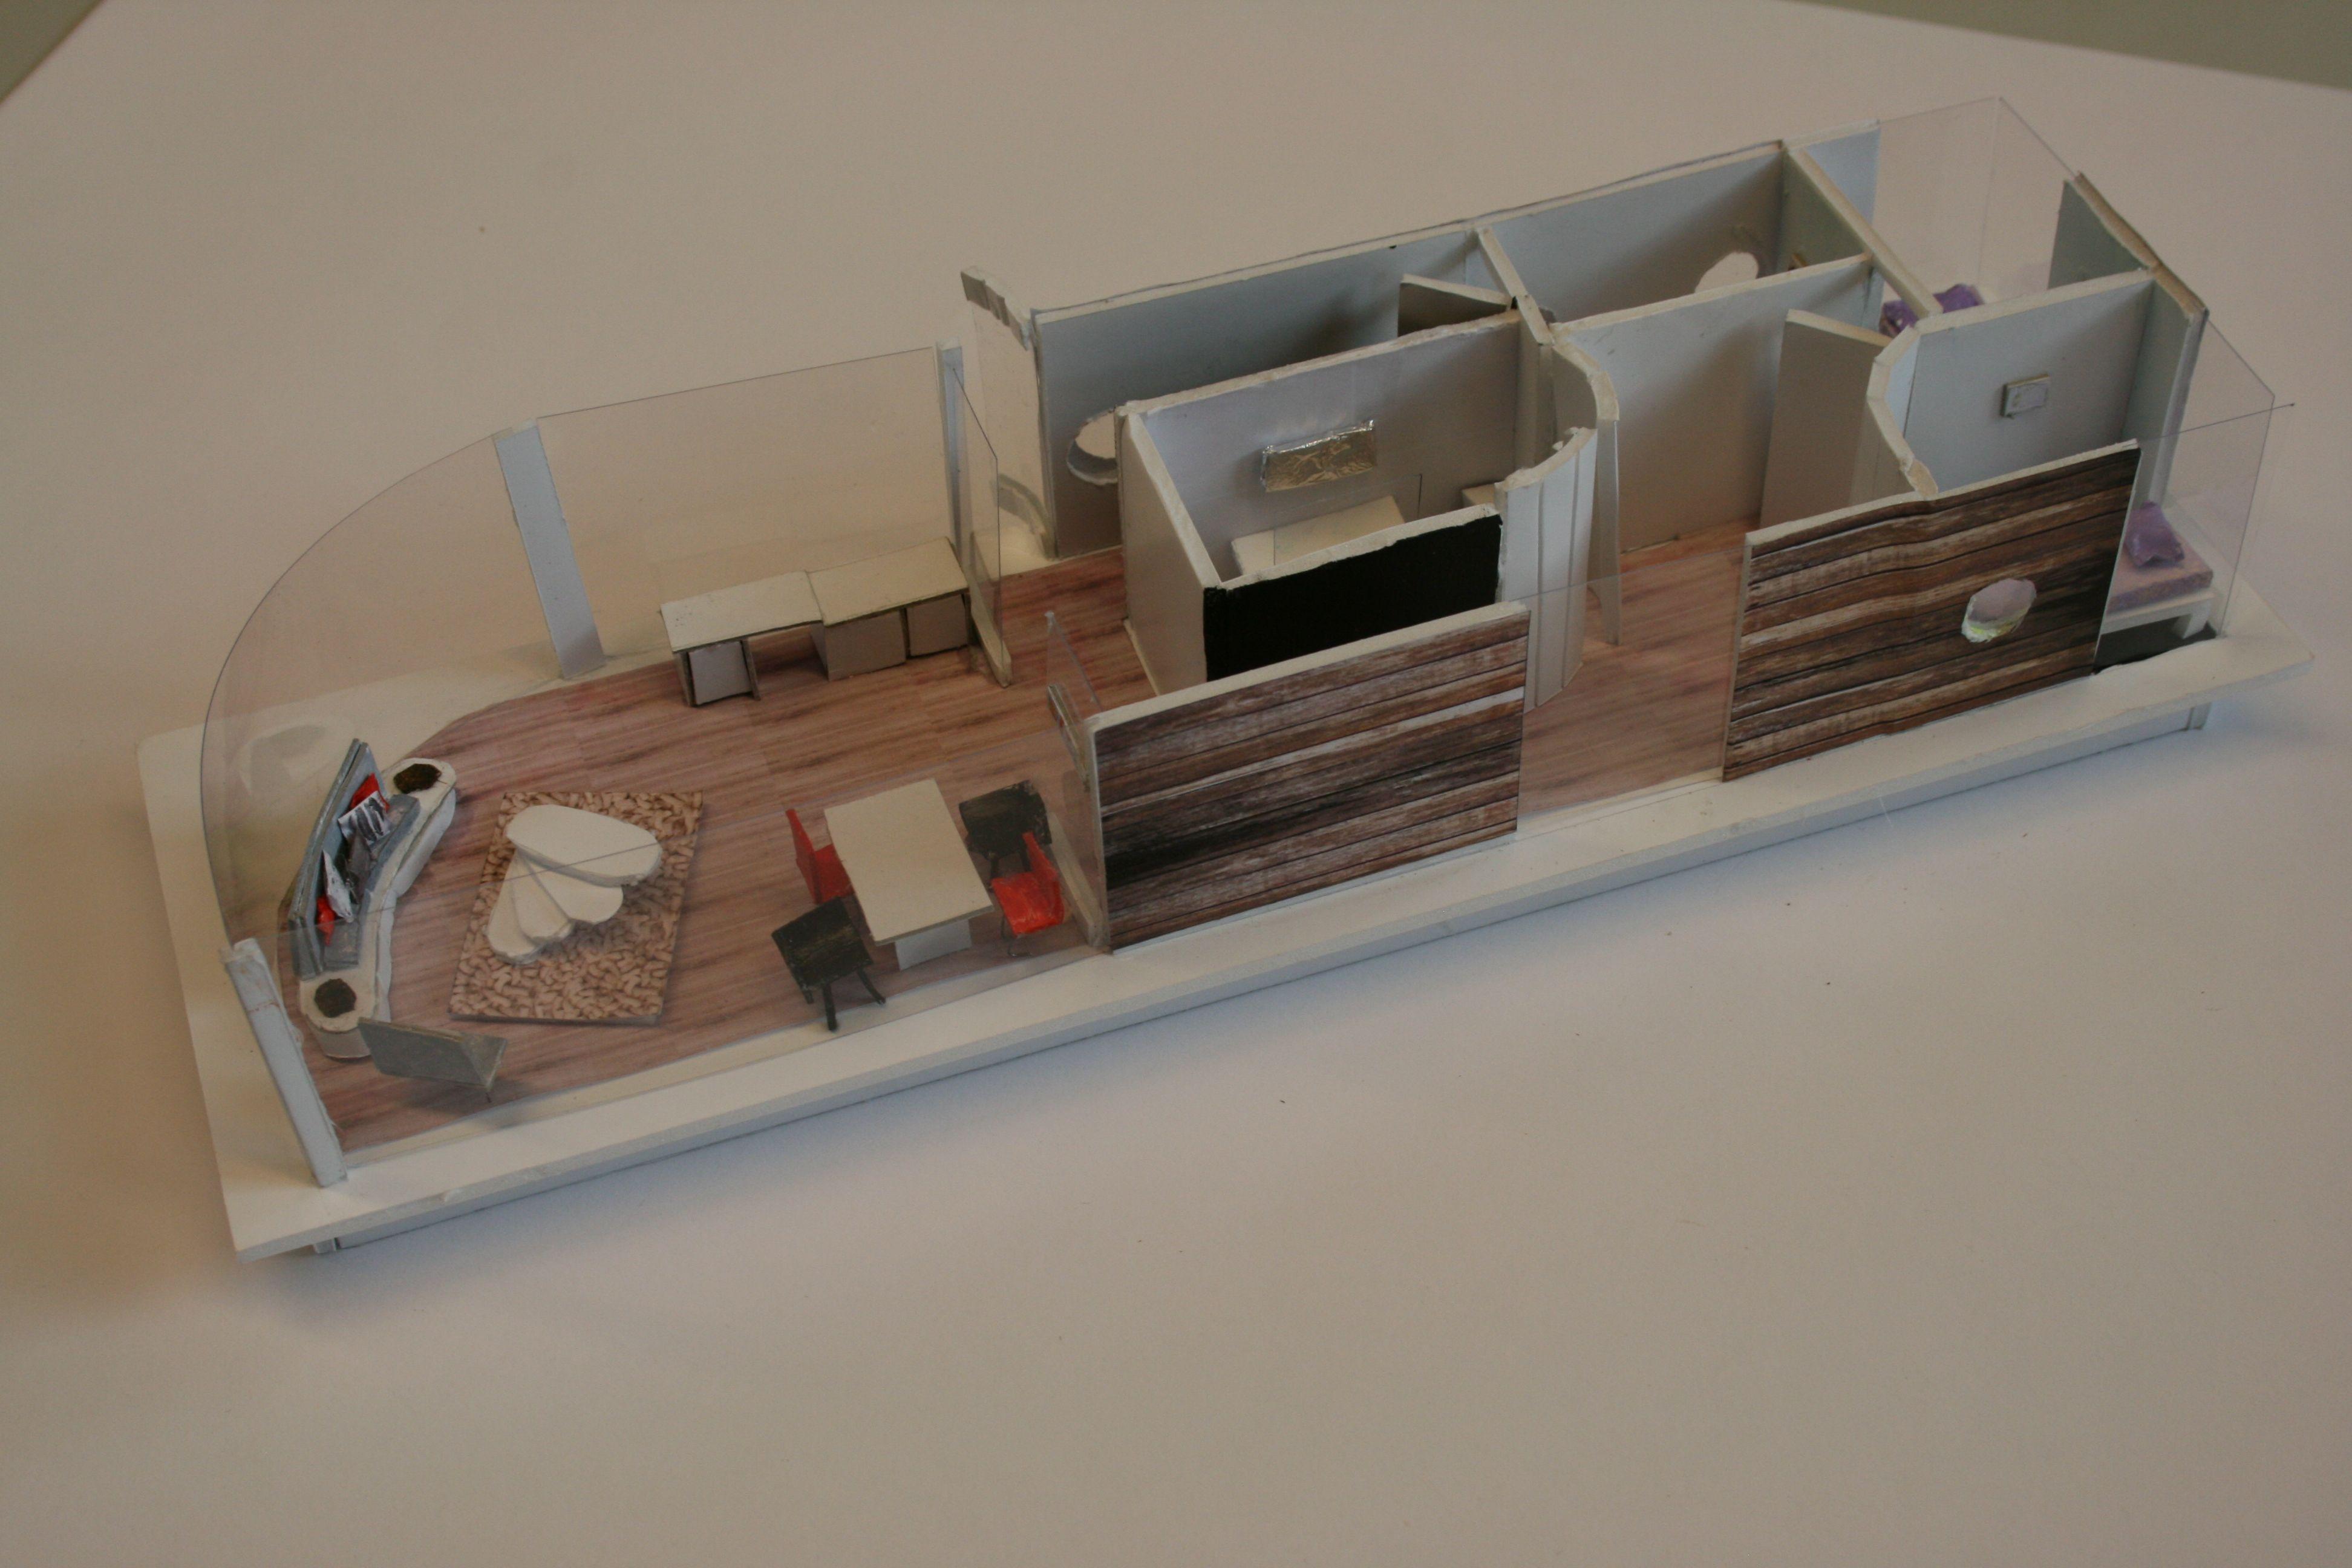 2e jaar woonboot project cibap interieur opleiding zwolle for Interieur opleiding